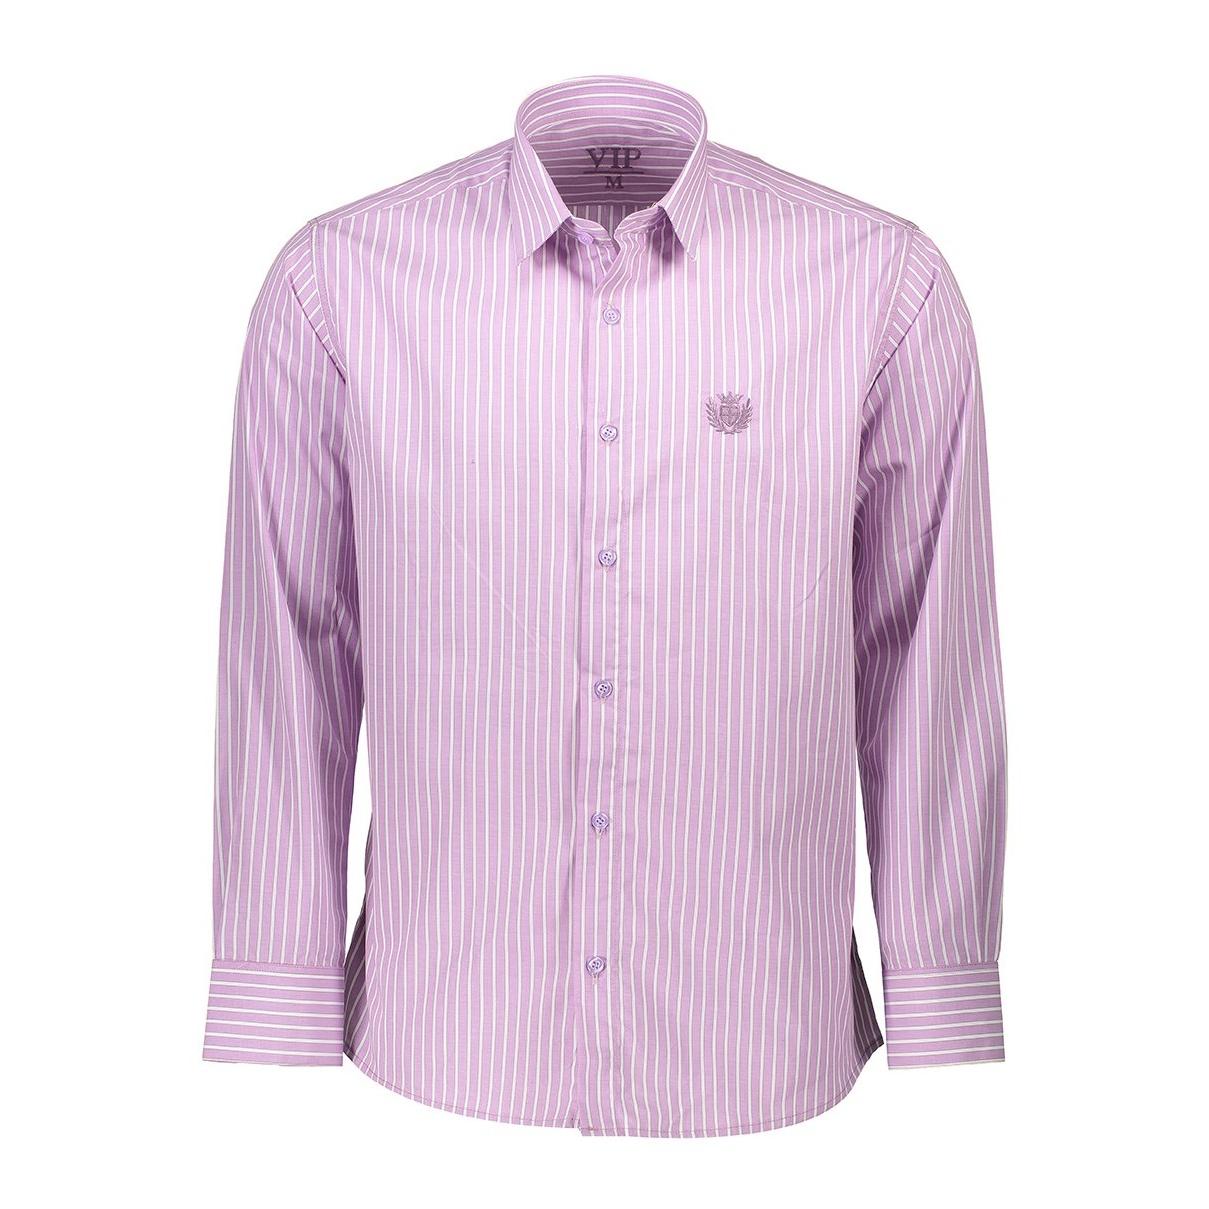 پیراهن  مردانه ناوالس مدل VIP02VT